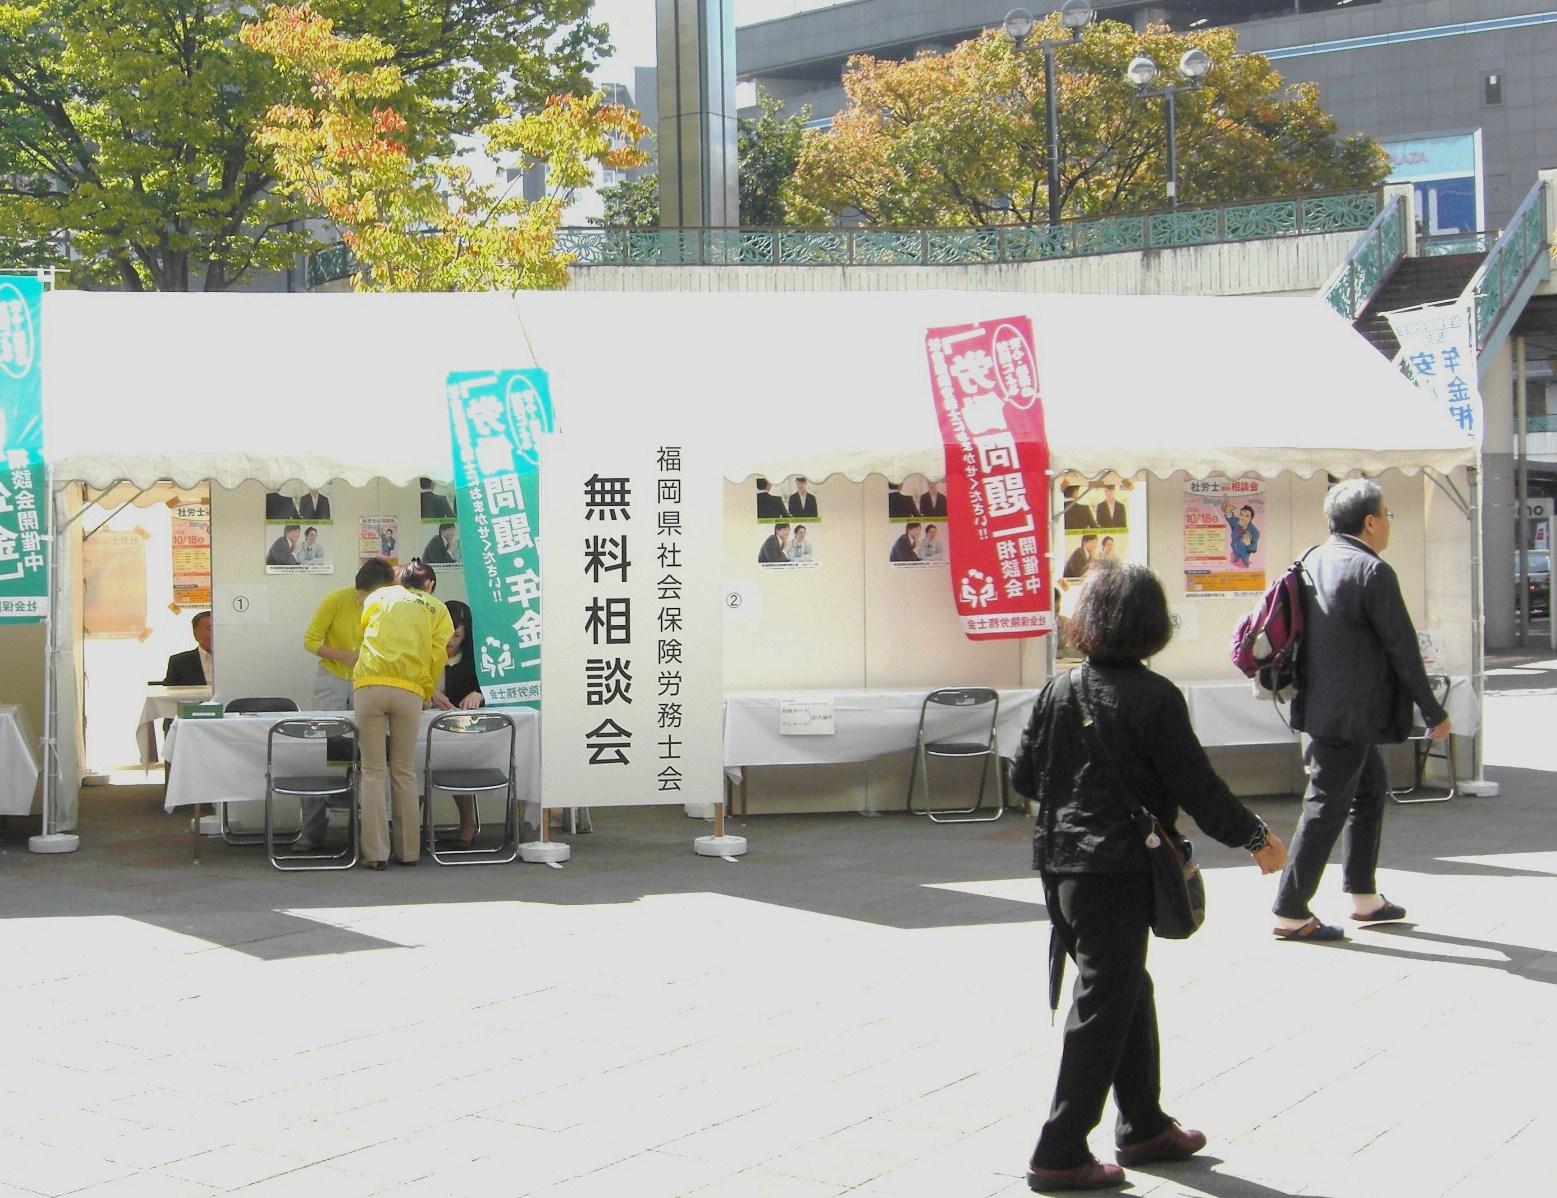 県下一斉「社会保険労務士による無料相談会」が開催されました。_f0120774_14292647.jpg